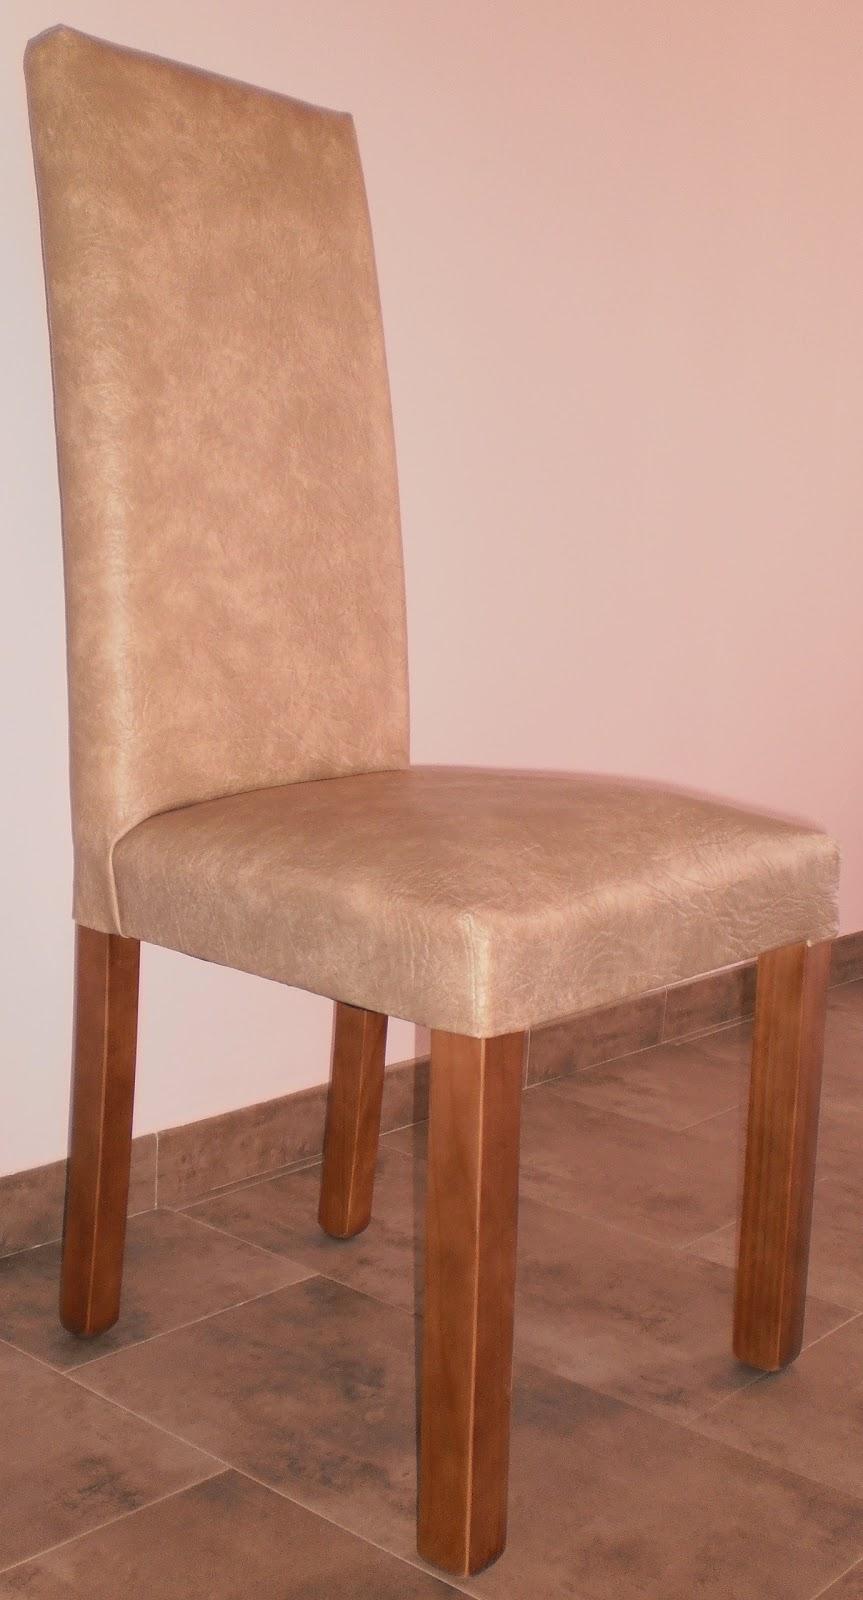 Fabrica de sillas de madera pauli sillas y mesas de for Sillas rusticas tapizadas